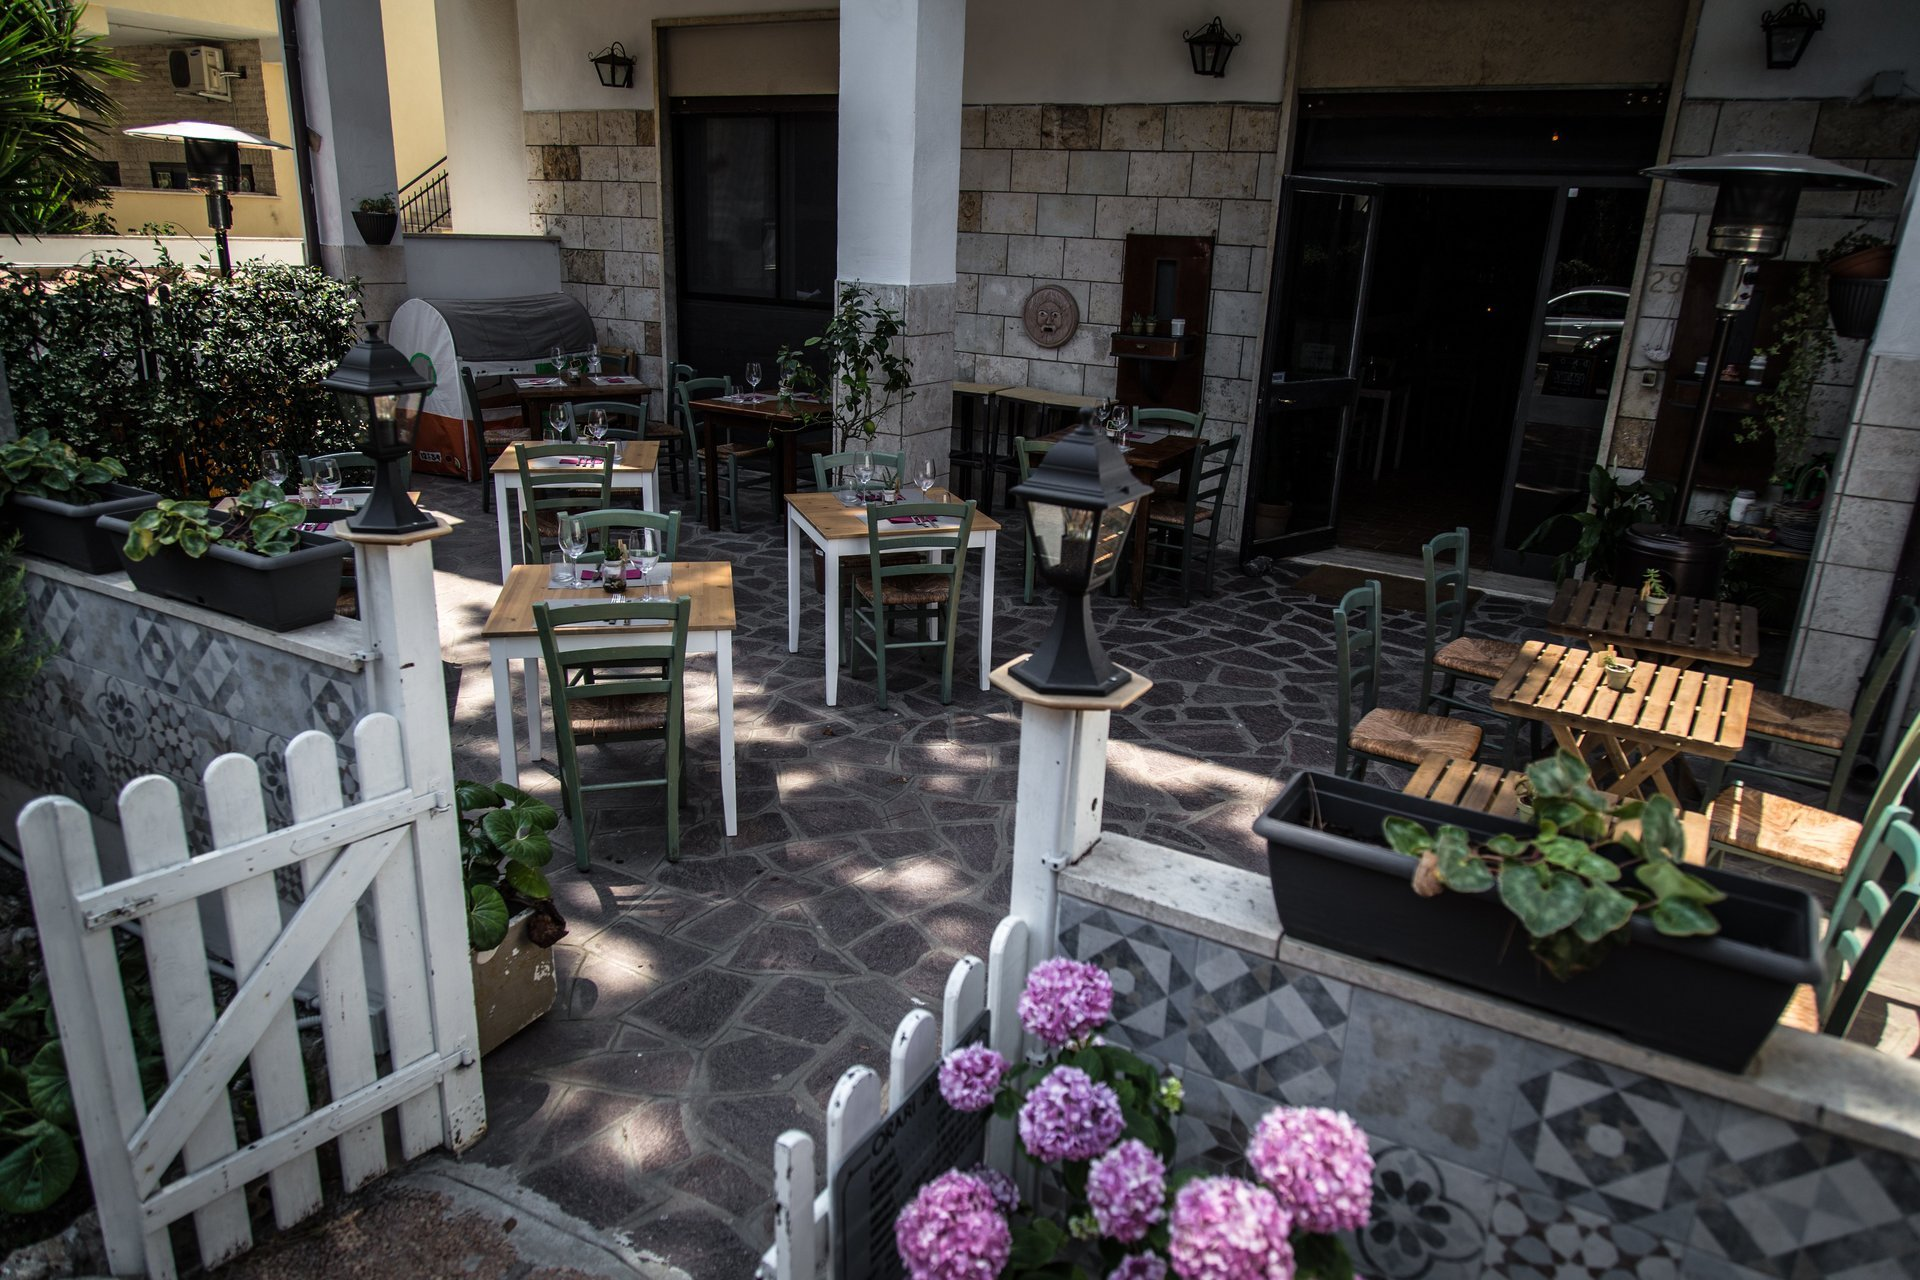 giardino del locale con fiori e tavolini